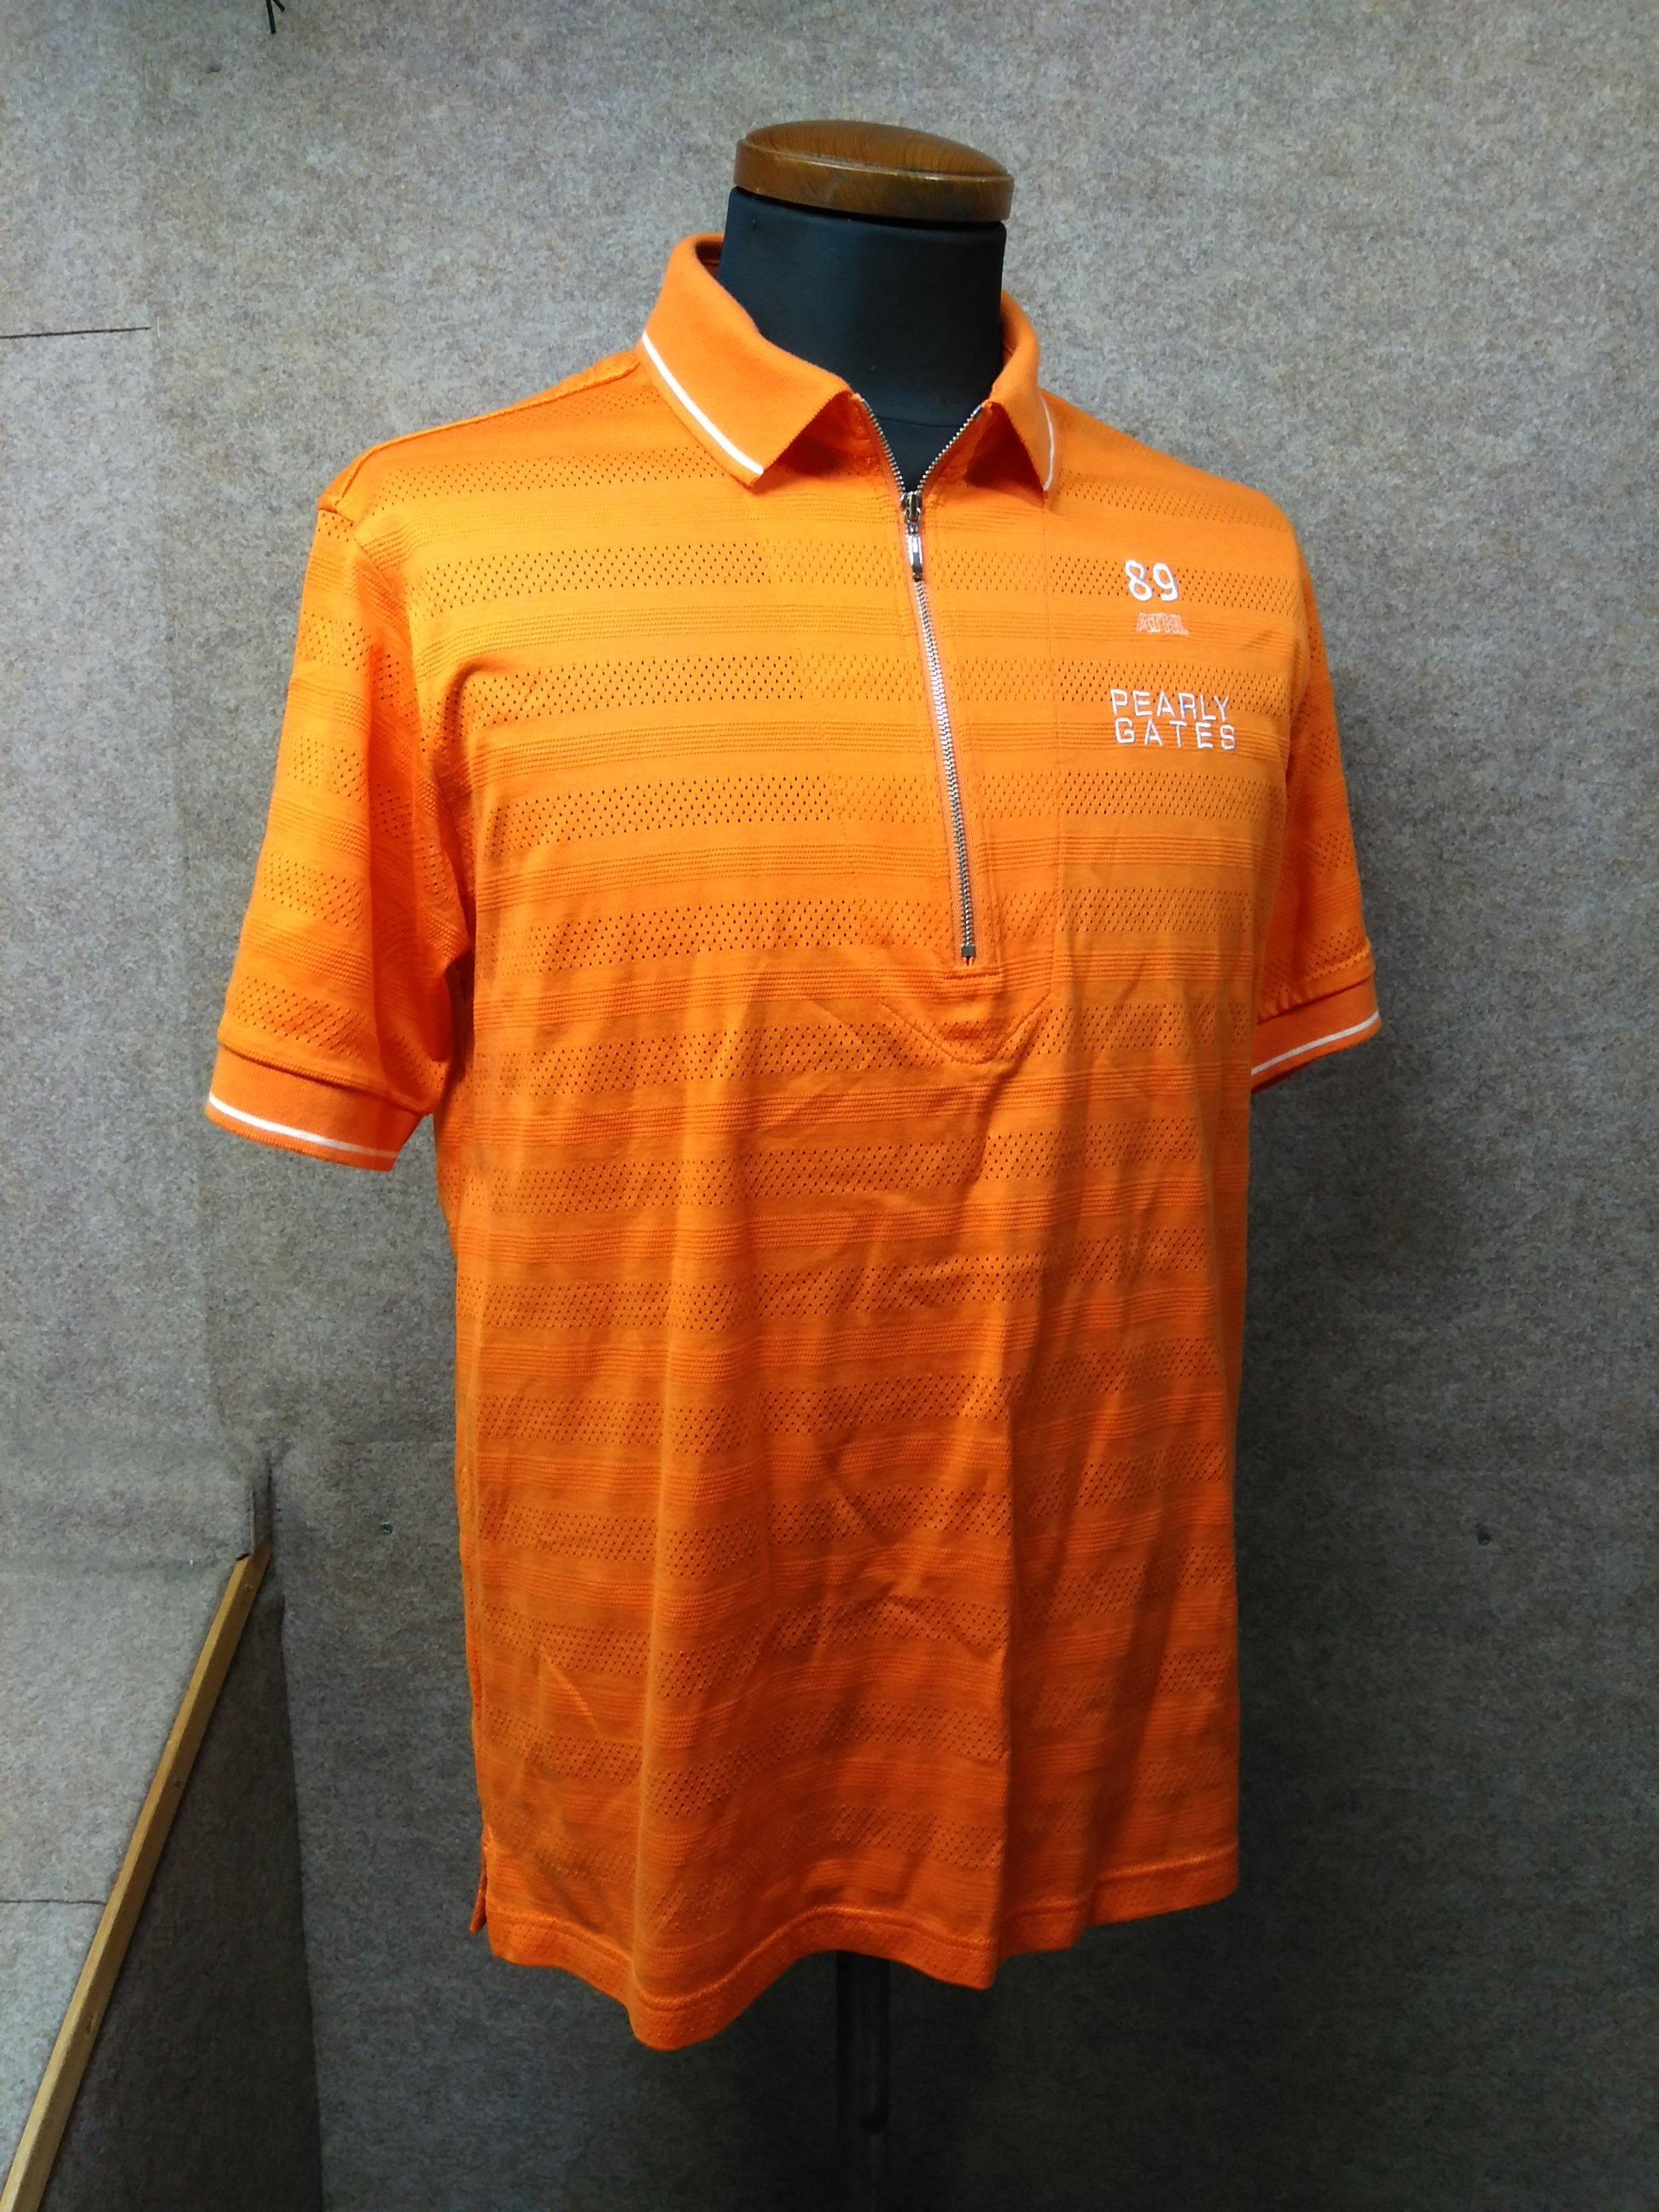 パーリーゲイツ ポロシャツ メンズ 4 オレンジ系 ハーフジップ my994c